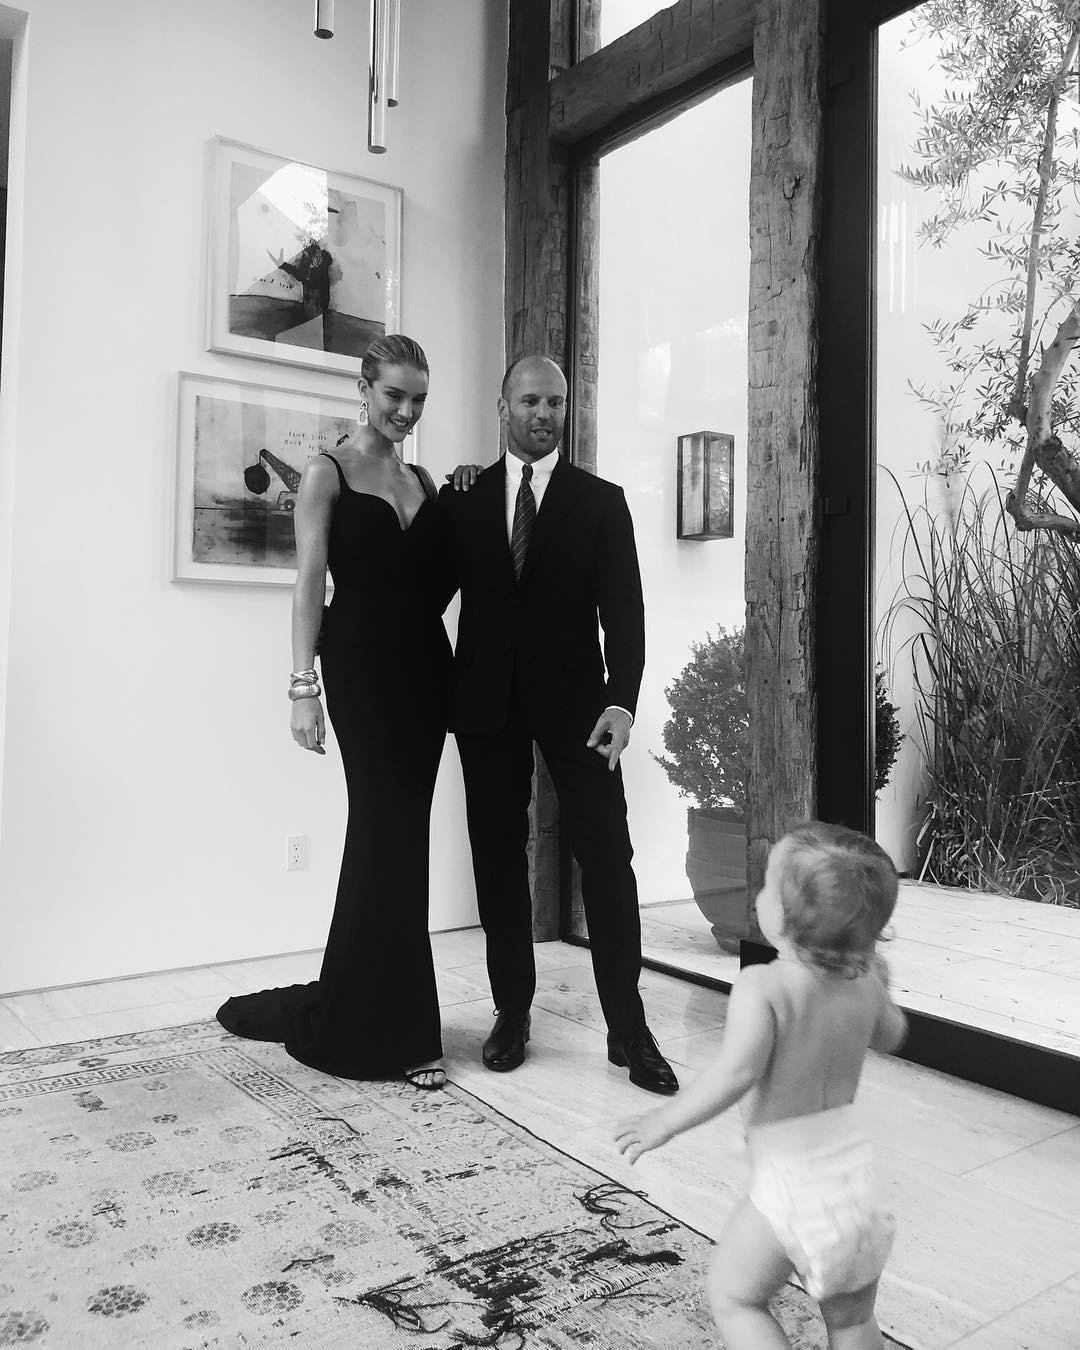 Рози Хантингтон-Уайтли и Джейсон Стэтхэм выложили первые фото годовалого сына (фанаты в восторге)